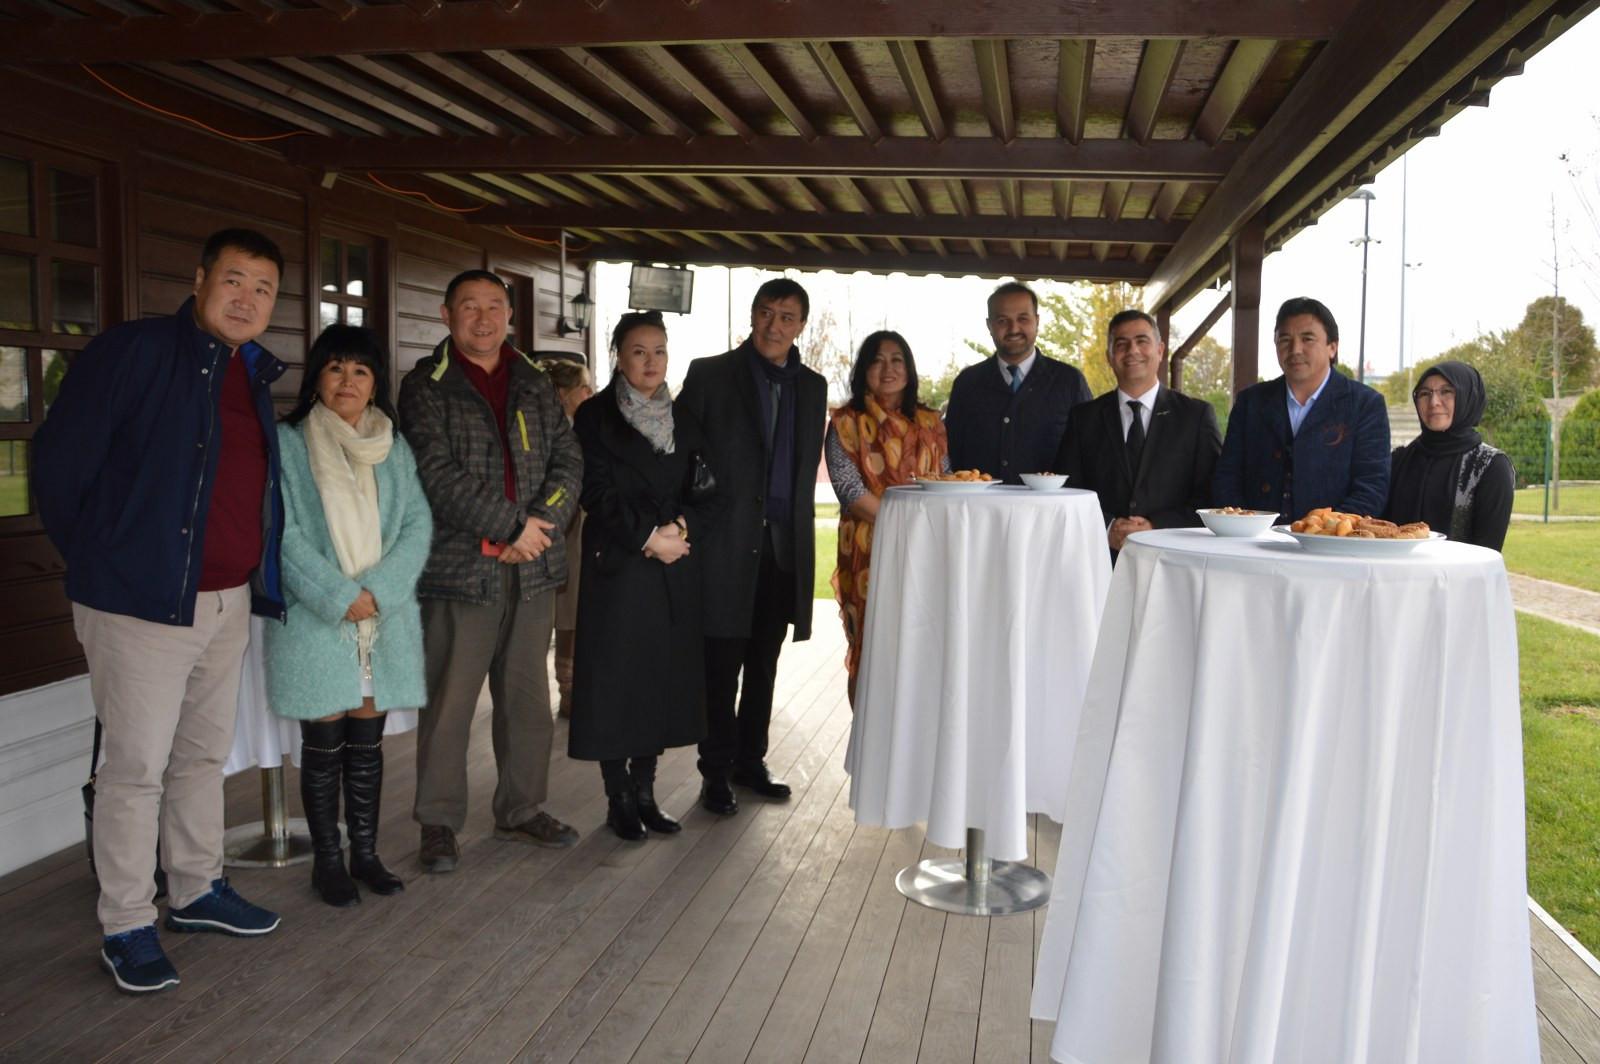 """İstanbul Büyükşehir Belediyesi'nin destekleriyle Kazıbekova'nın """"Cama İşlenen Sanat"""" sergisi Türk Dünyası Kültür Mahallesi'nde açıldı Galeri - 2. Resim"""